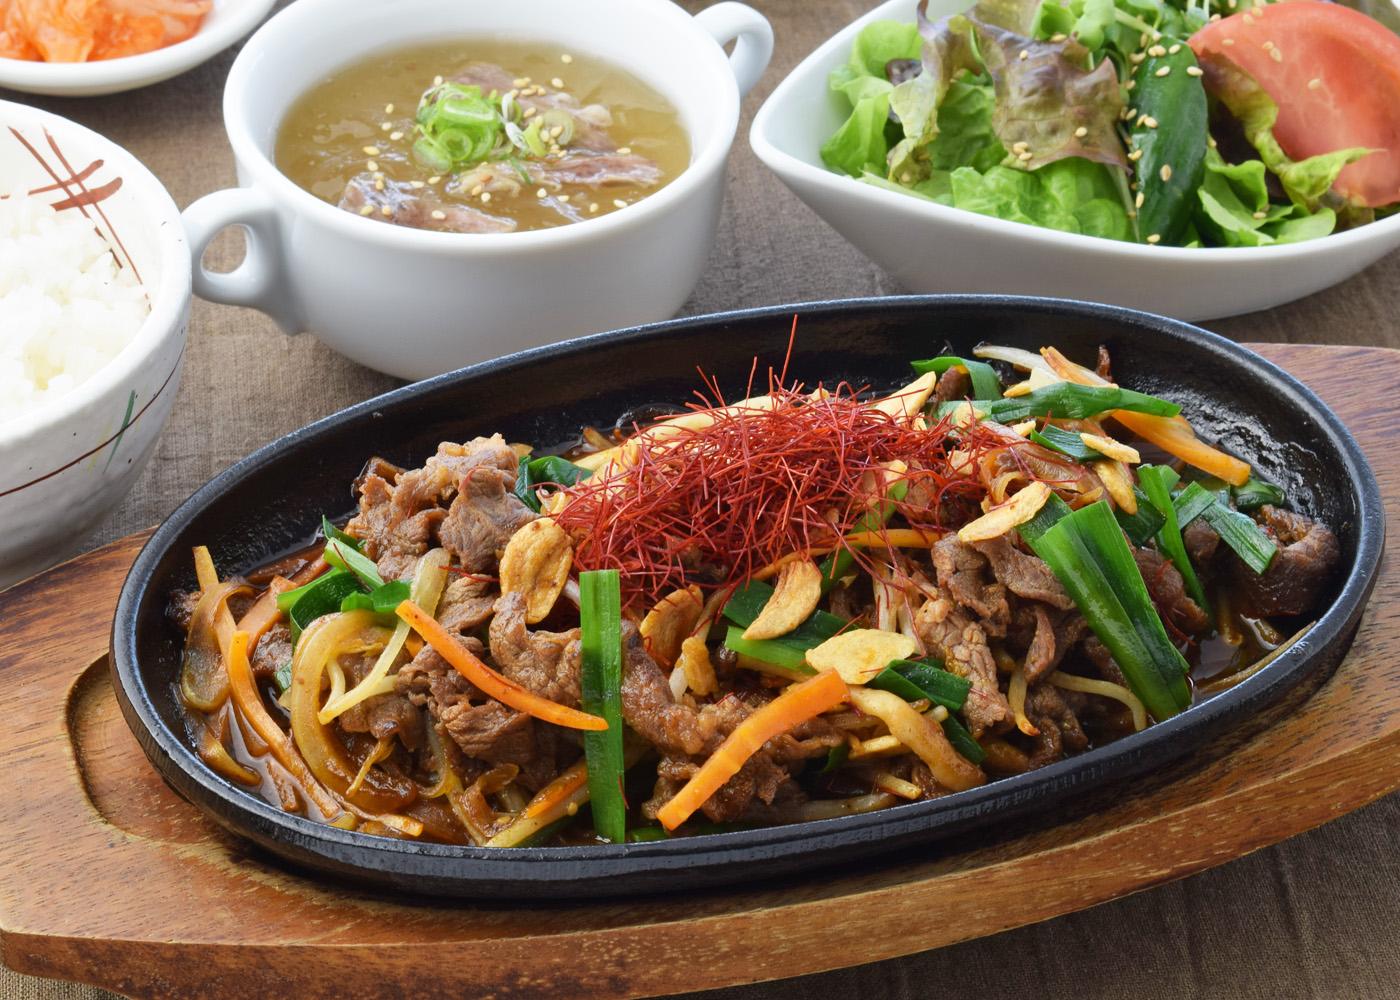 プルコギ風牛肉の鉄板焼き 1,500円(税別)